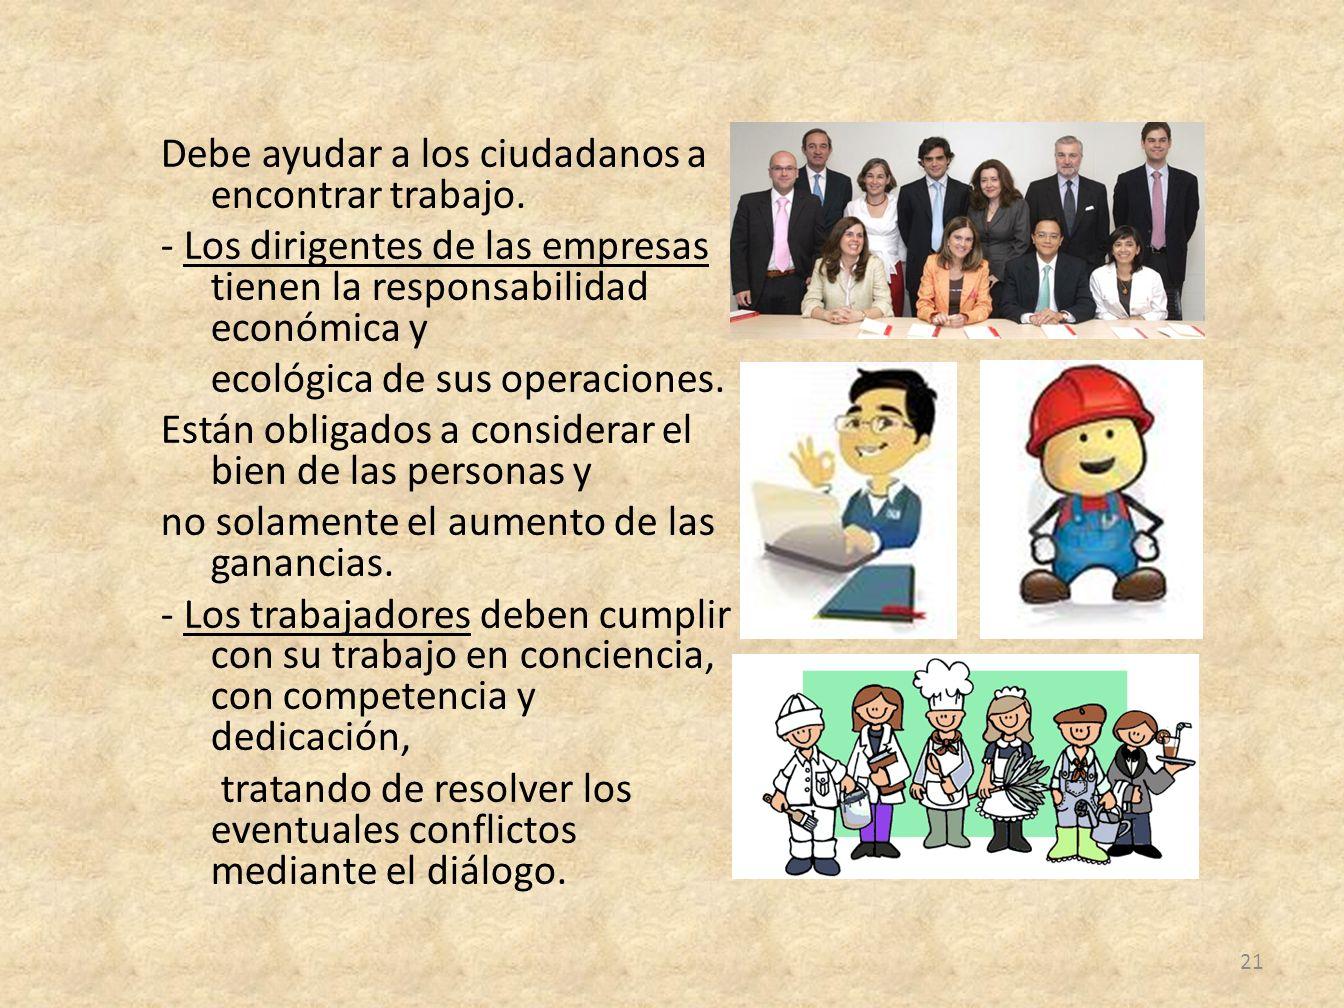 Debe ayudar a los ciudadanos a encontrar trabajo. - Los dirigentes de las empresas tienen la responsabilidad económica y ecológica de sus operaciones.